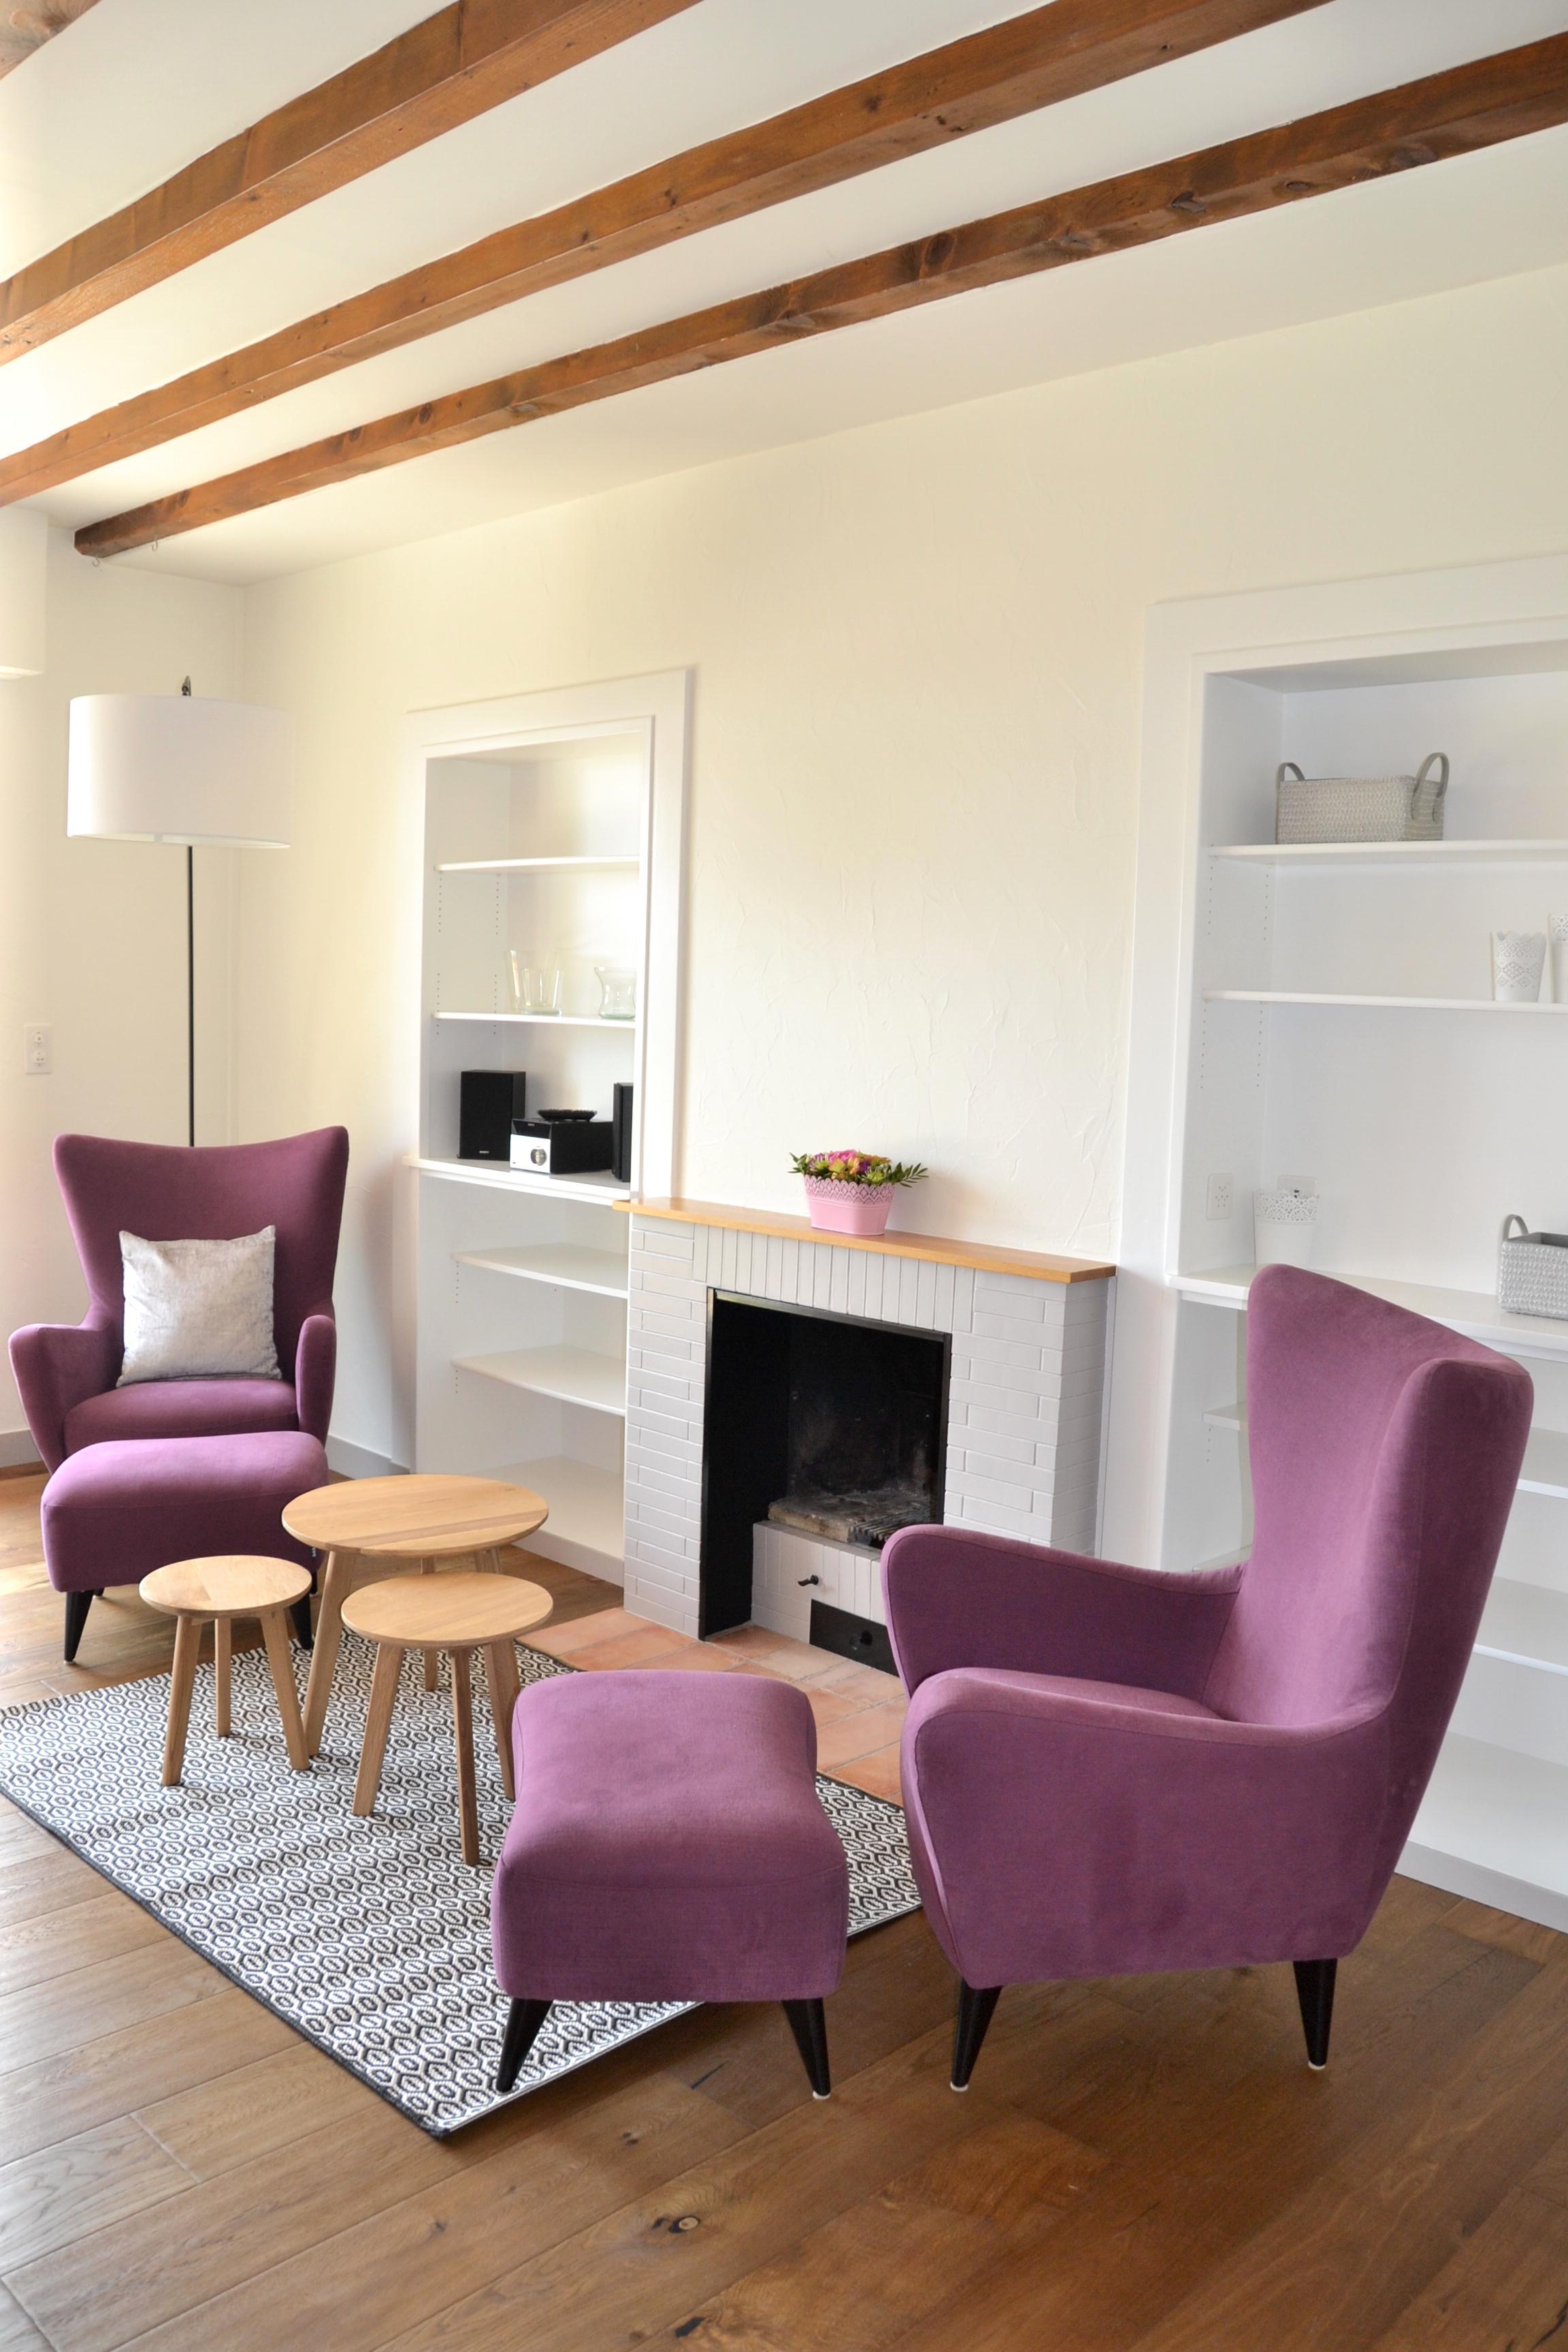 renovieren ? bilder & ideen ? couchstyle - Wohnzimmer Renovieren Ideen